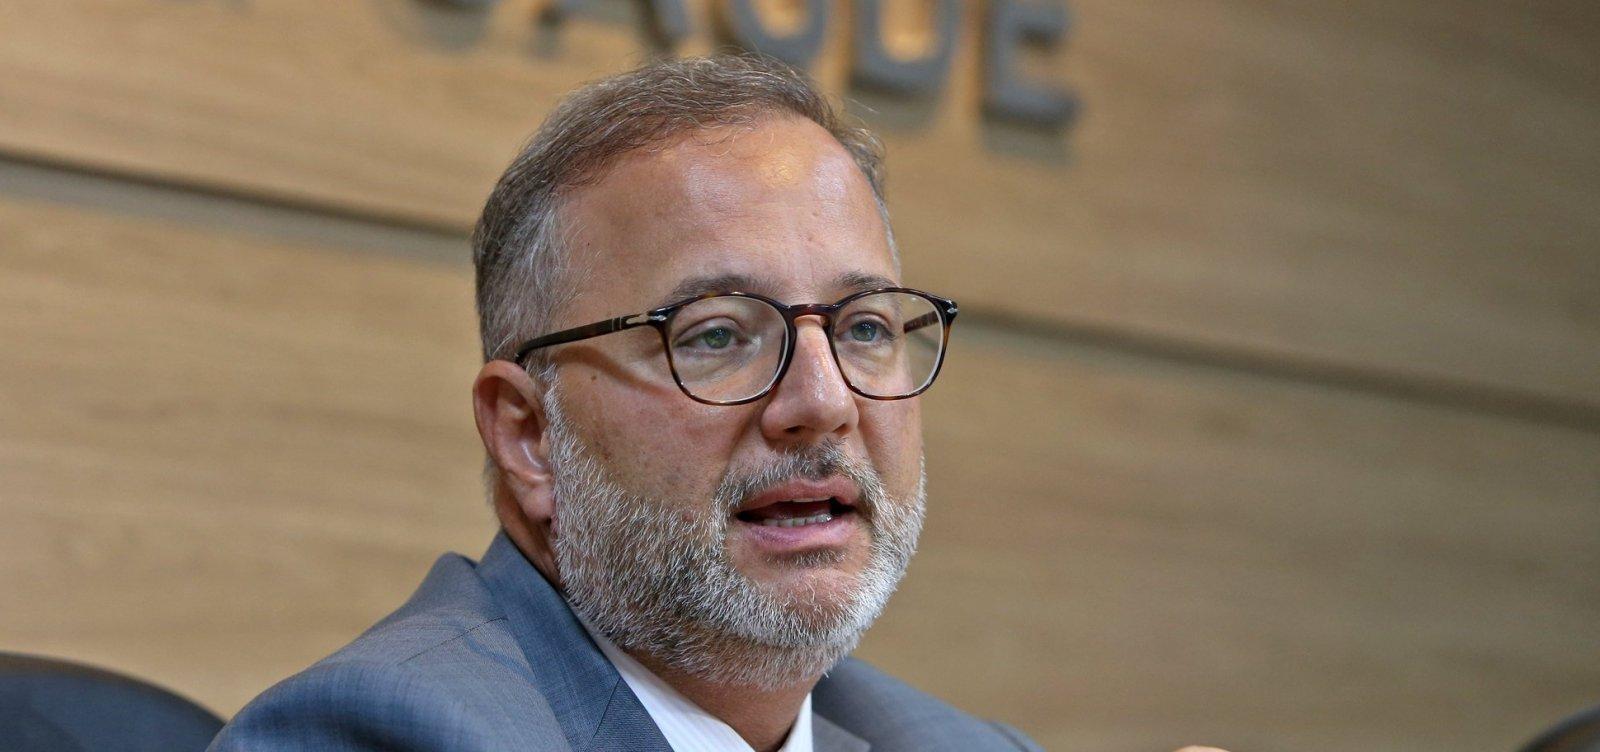 Secretário descarta lockdown na Bahia em meio a alta de casos de Covid-19: 'Seria muito mal recebido'